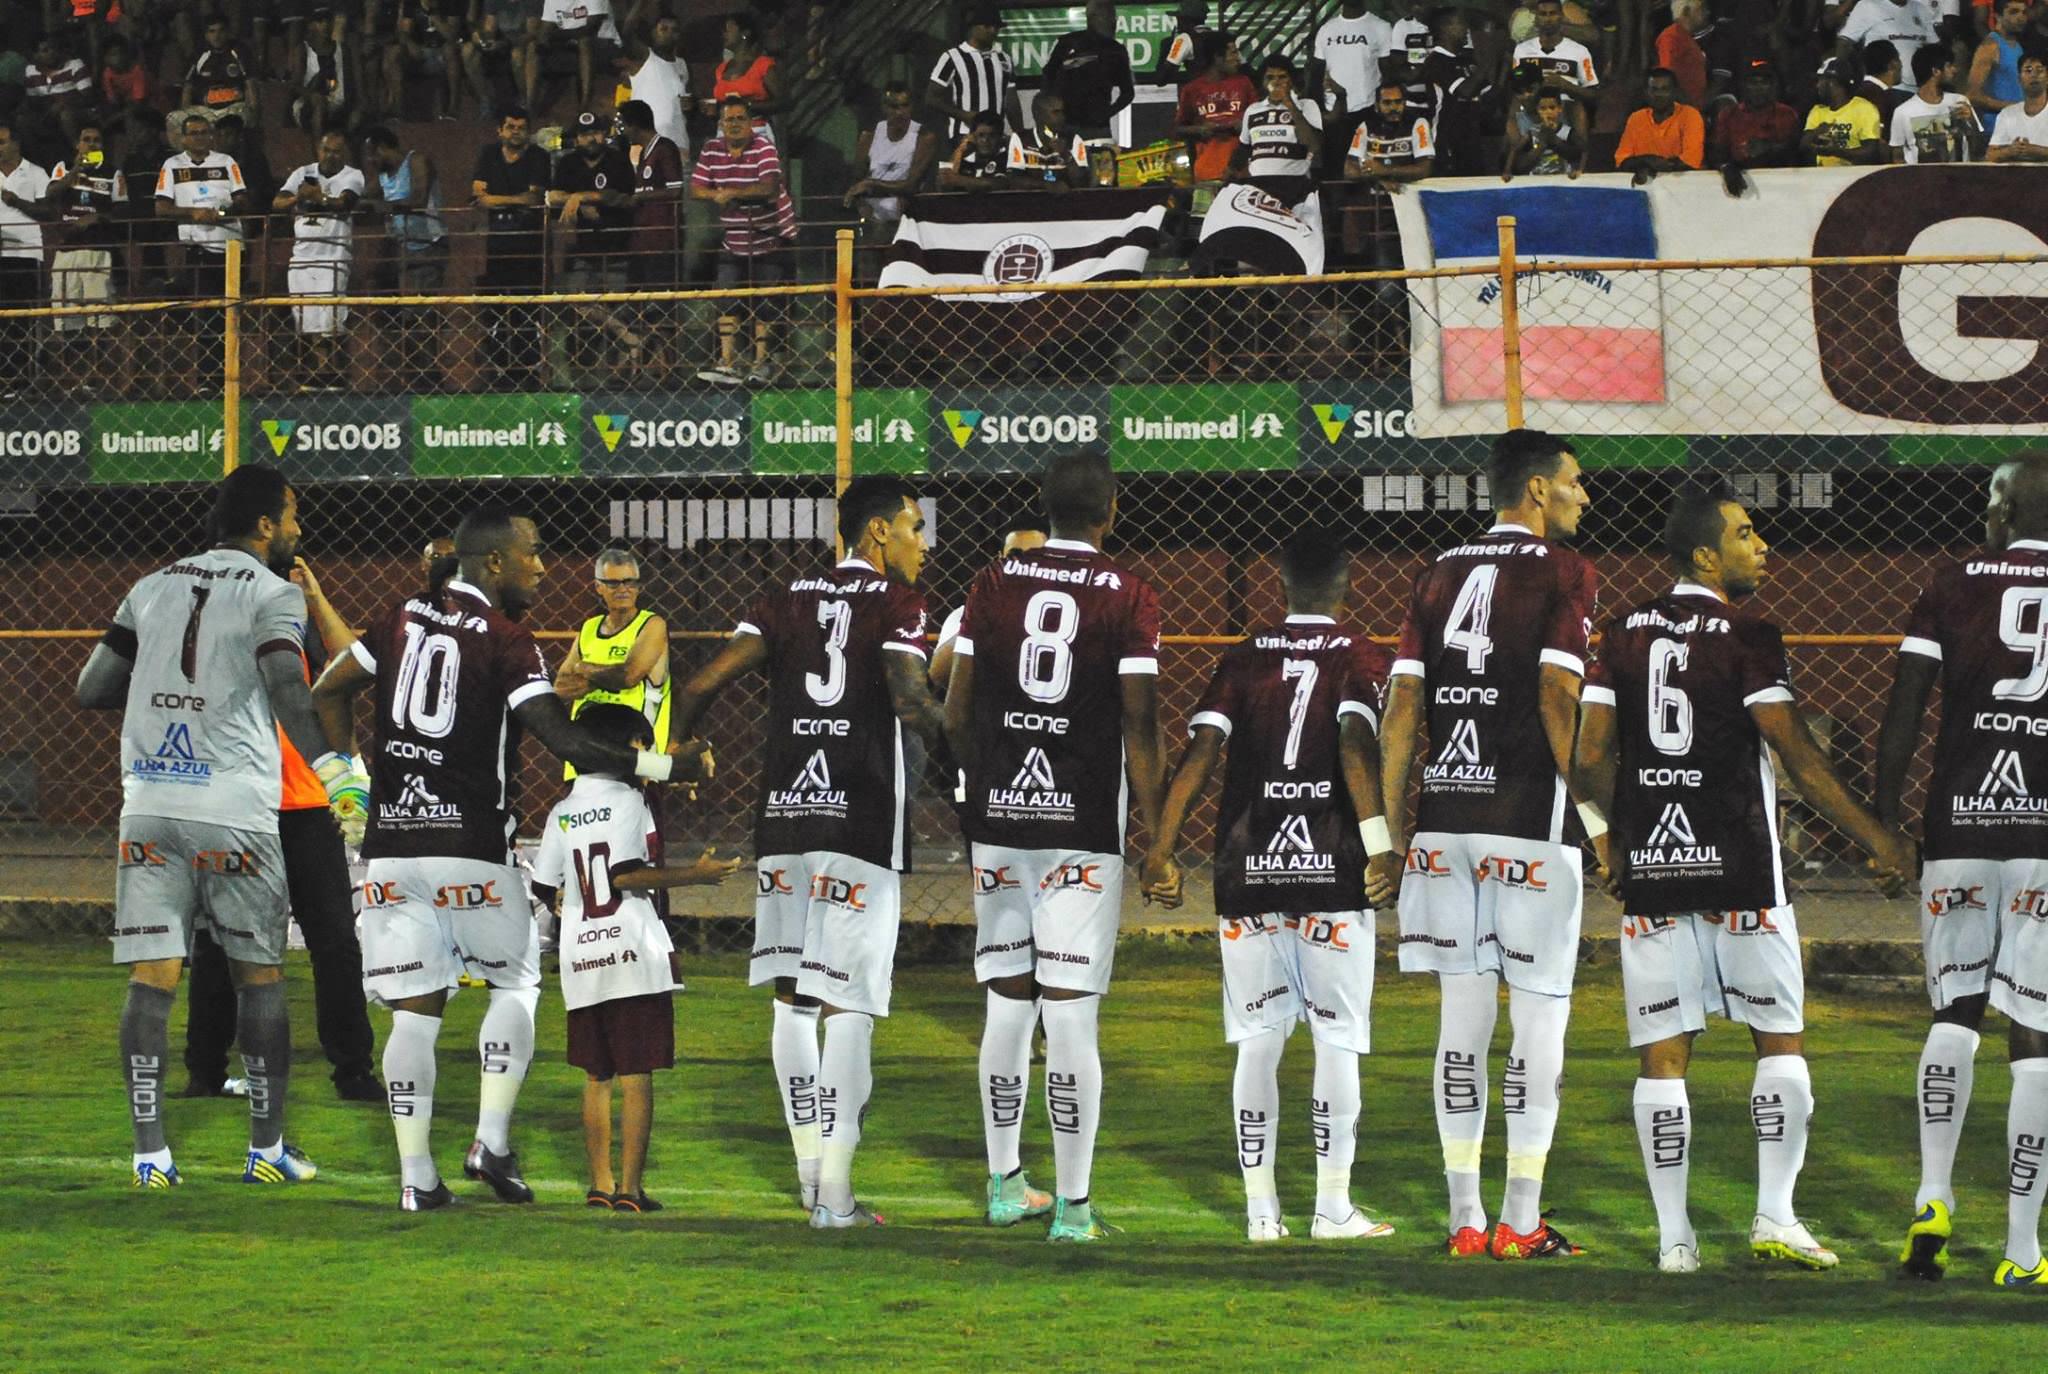 Se vencer a Desportiva assume a liderança do grupo norte. Fotos: Henrique Montovanelli/Desportiva